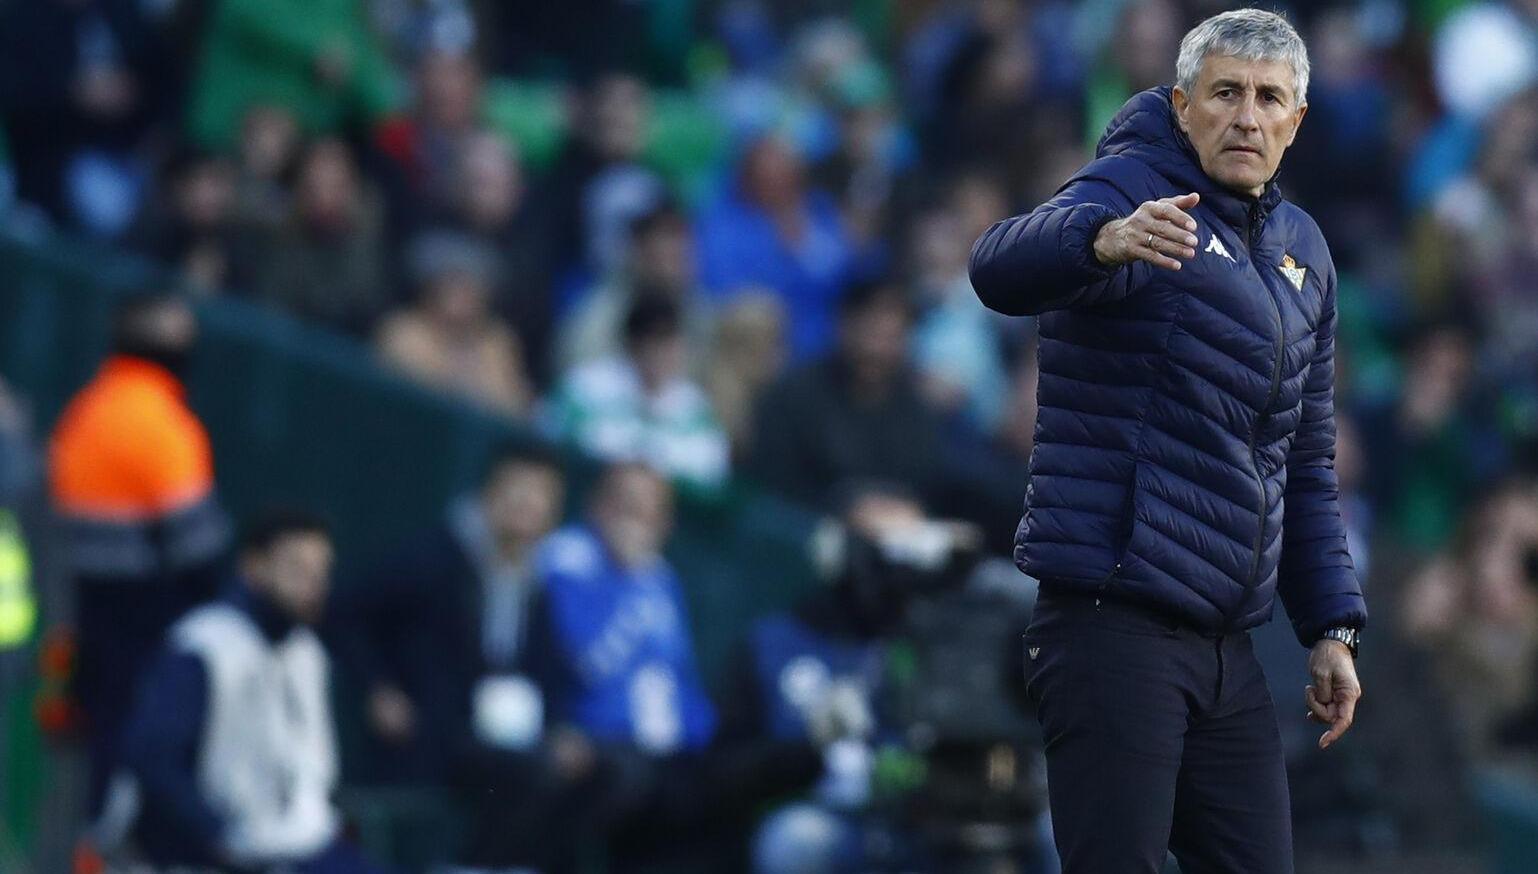 Barcelonanın yeni teknik direktörü kimdir